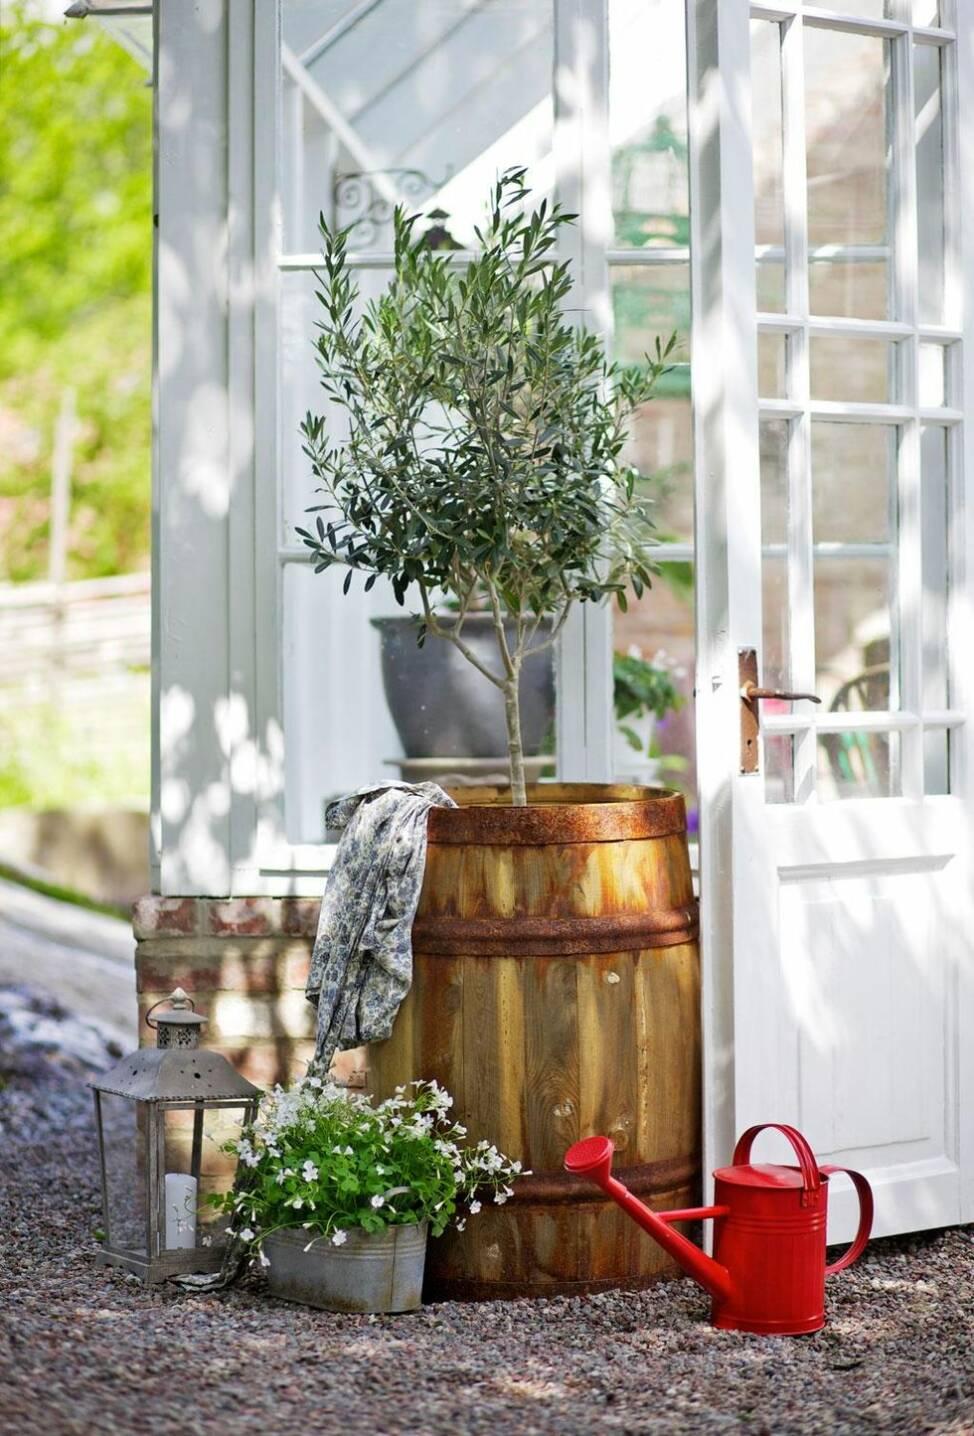 Förläng sommaren i ett växthus